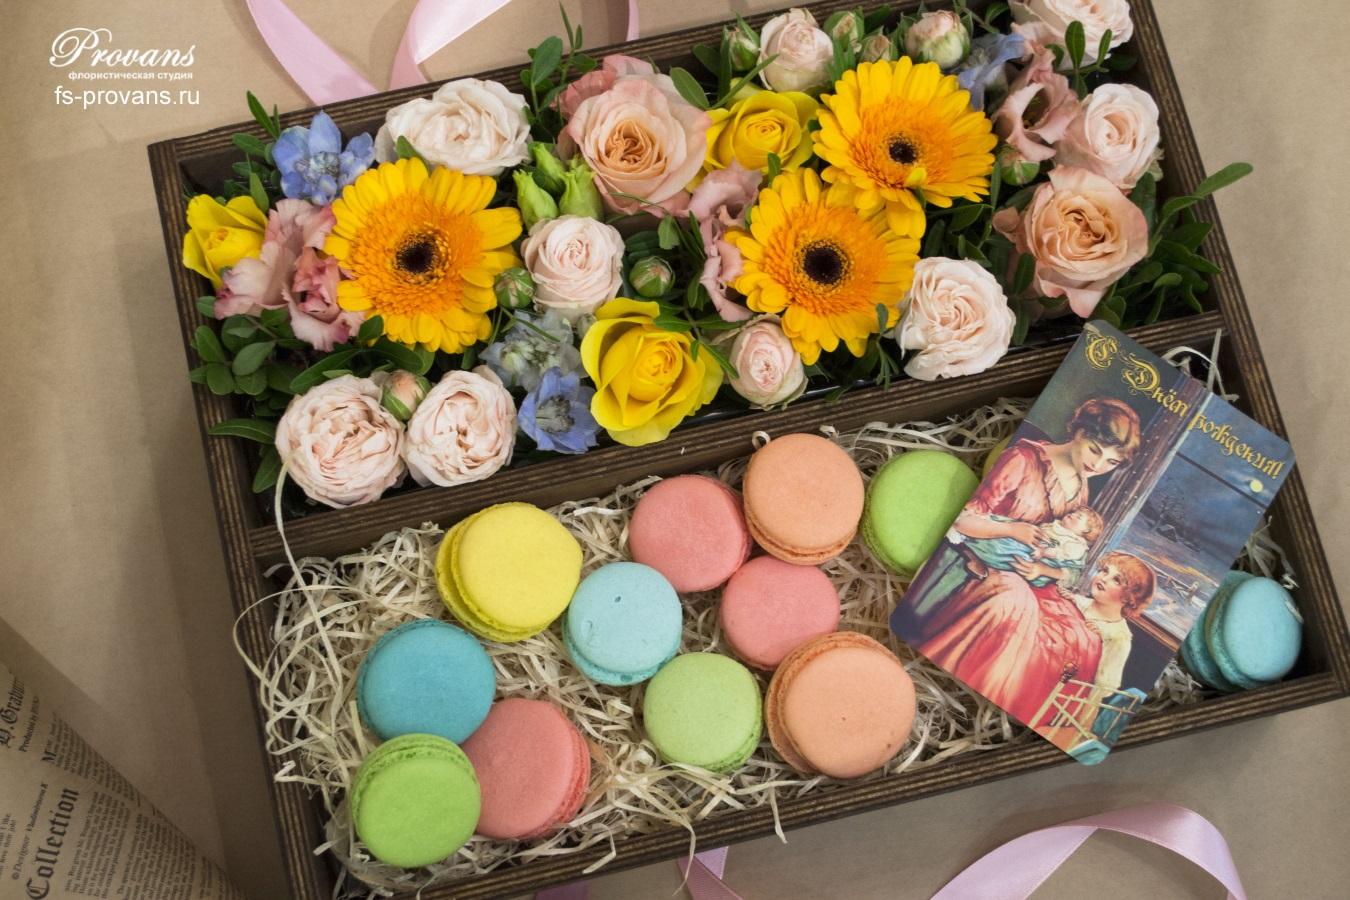 Цветы в коробке Сладкая жизнь